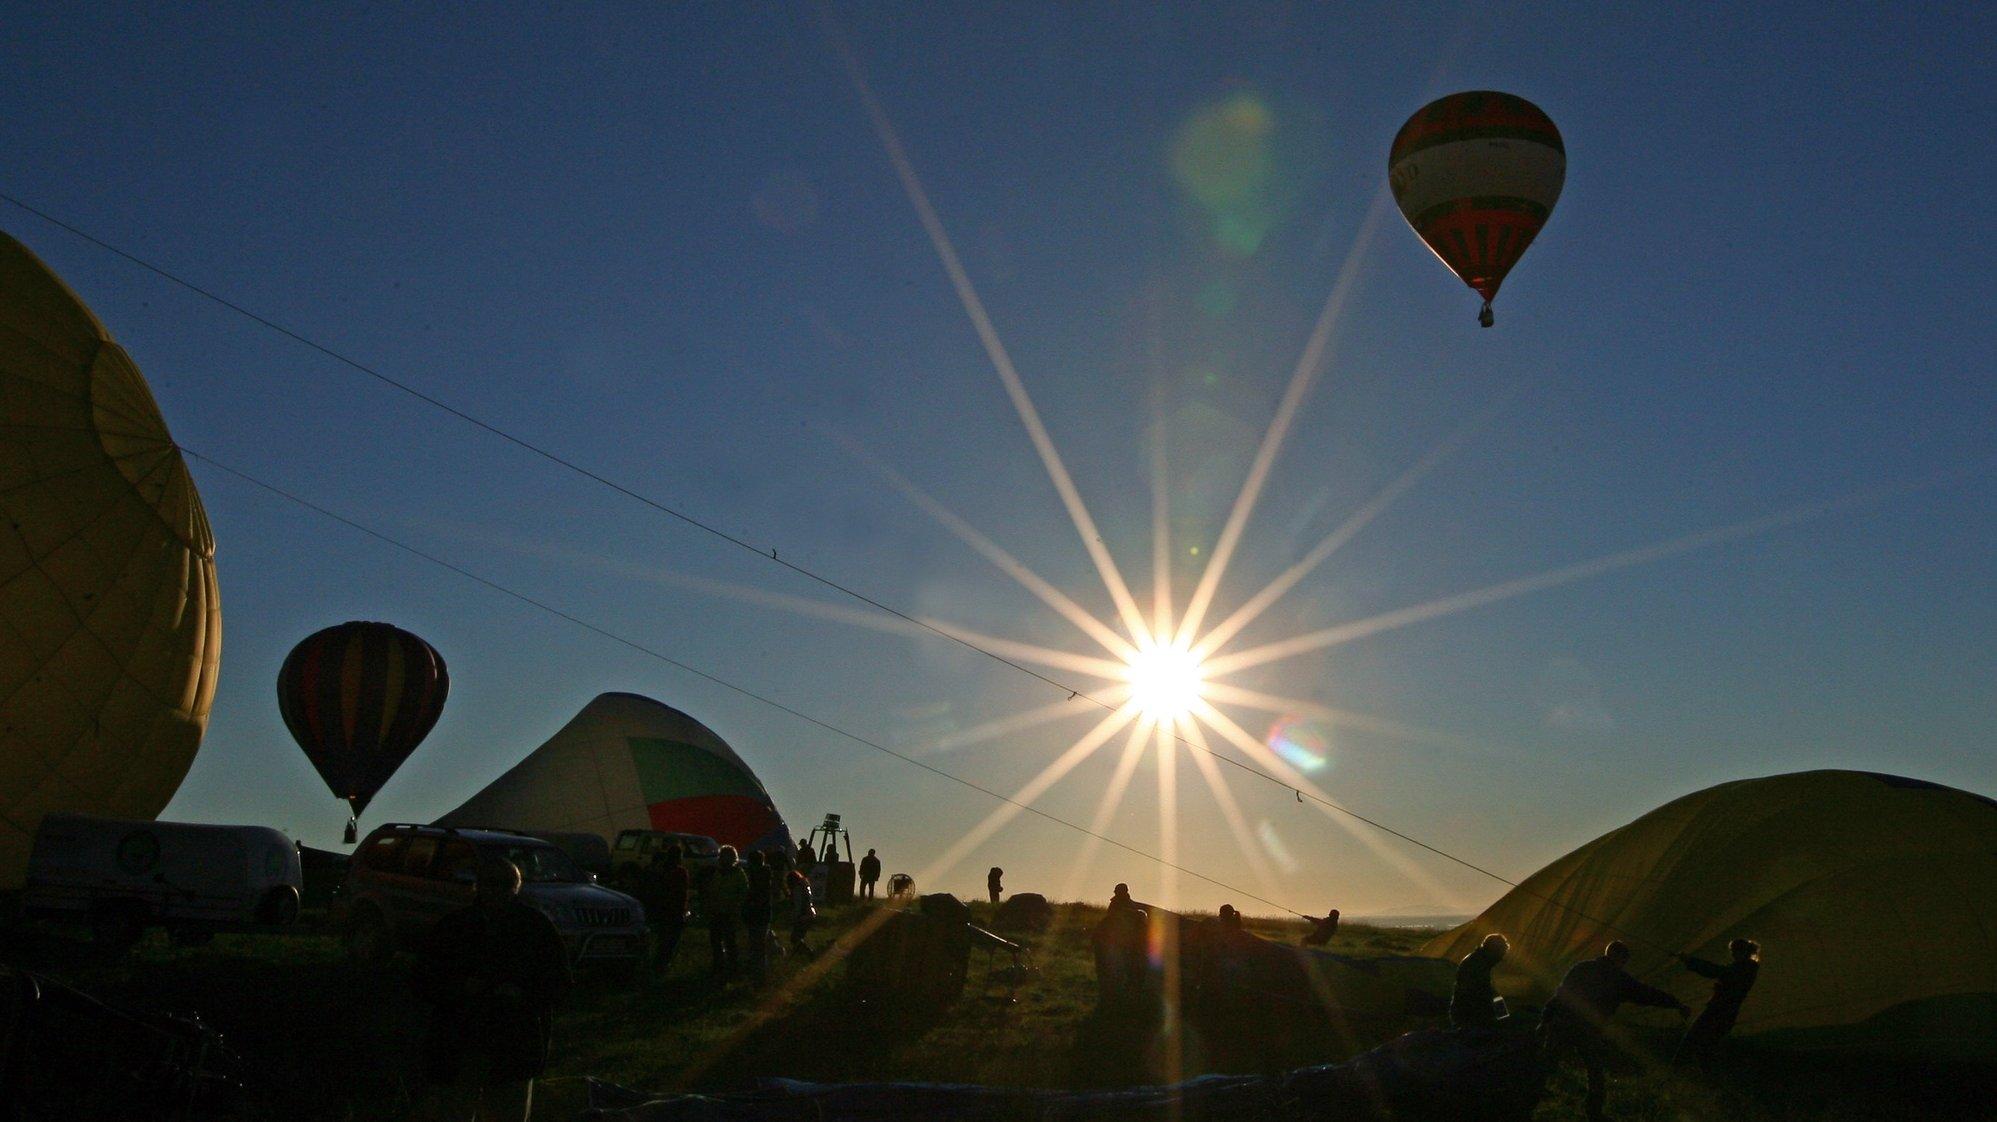 Balonistas durante um voo no âmbito do 16a Edição do Festival Internacional de Balões de Ar Quente - Elvas Património da Humanidade. Elvas, 13 de novembro de 2012. NUNO VEIGA/LUSA